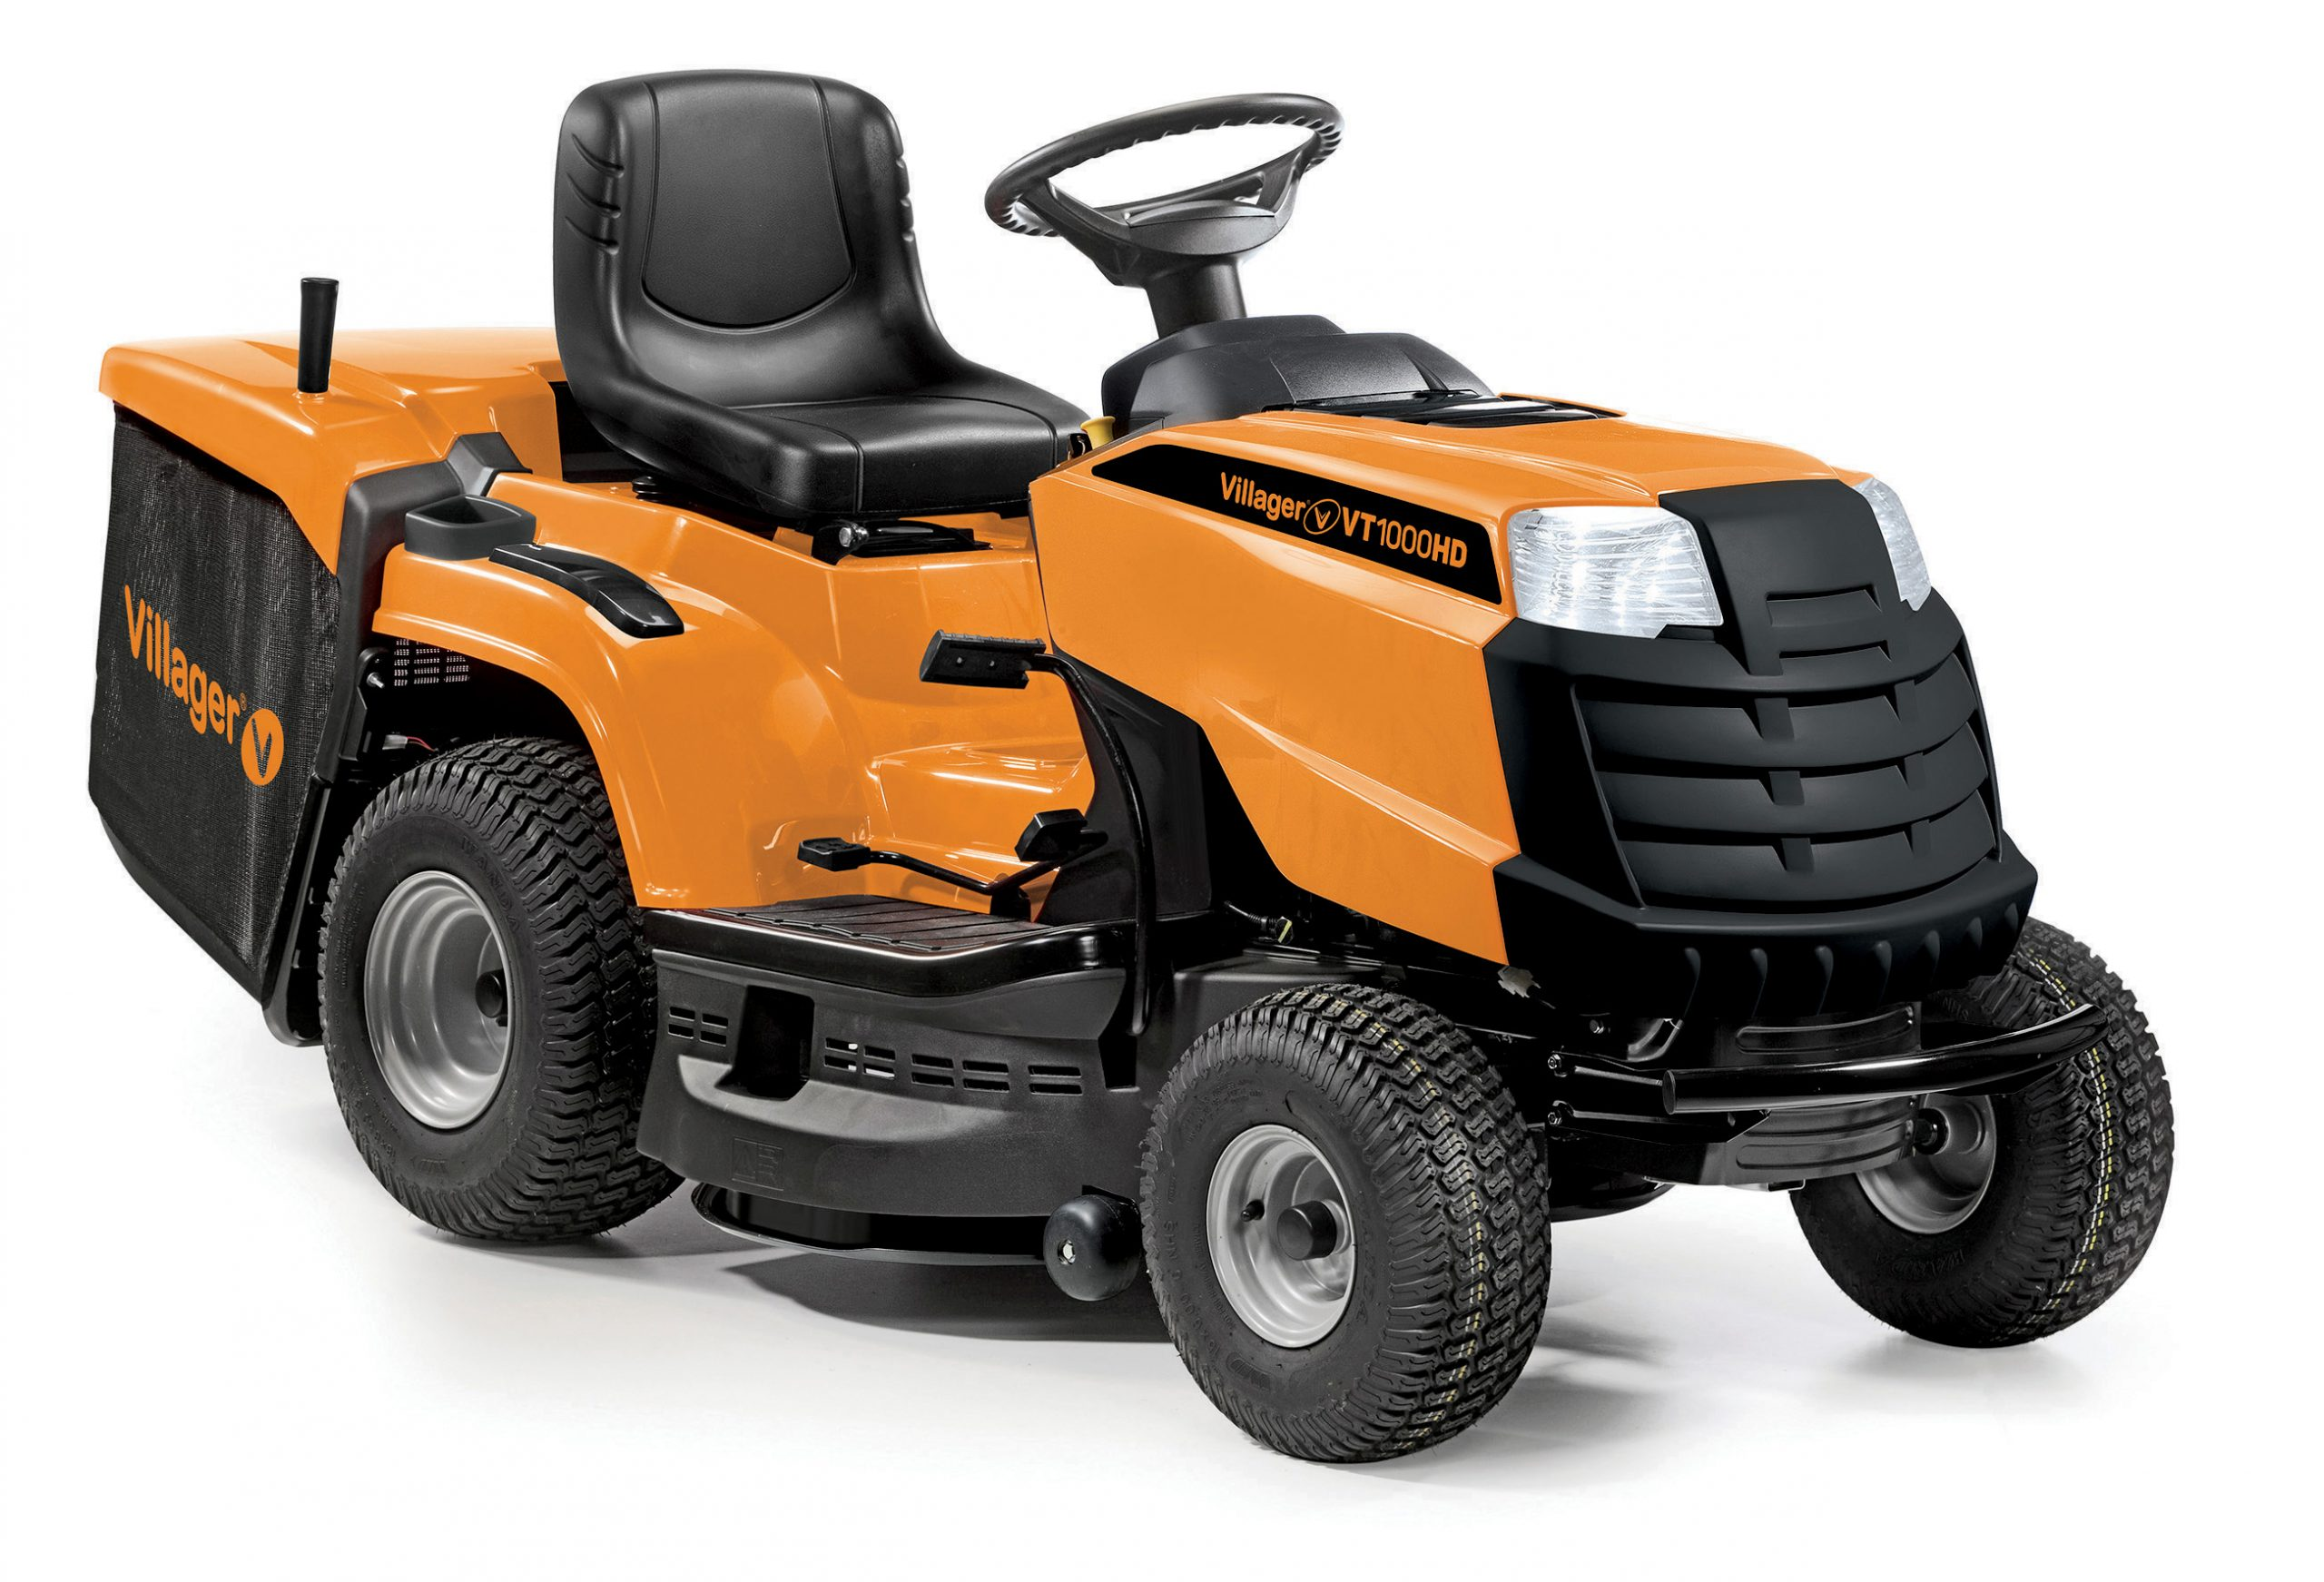 Traktor kosačica Villager VT 1000 HD